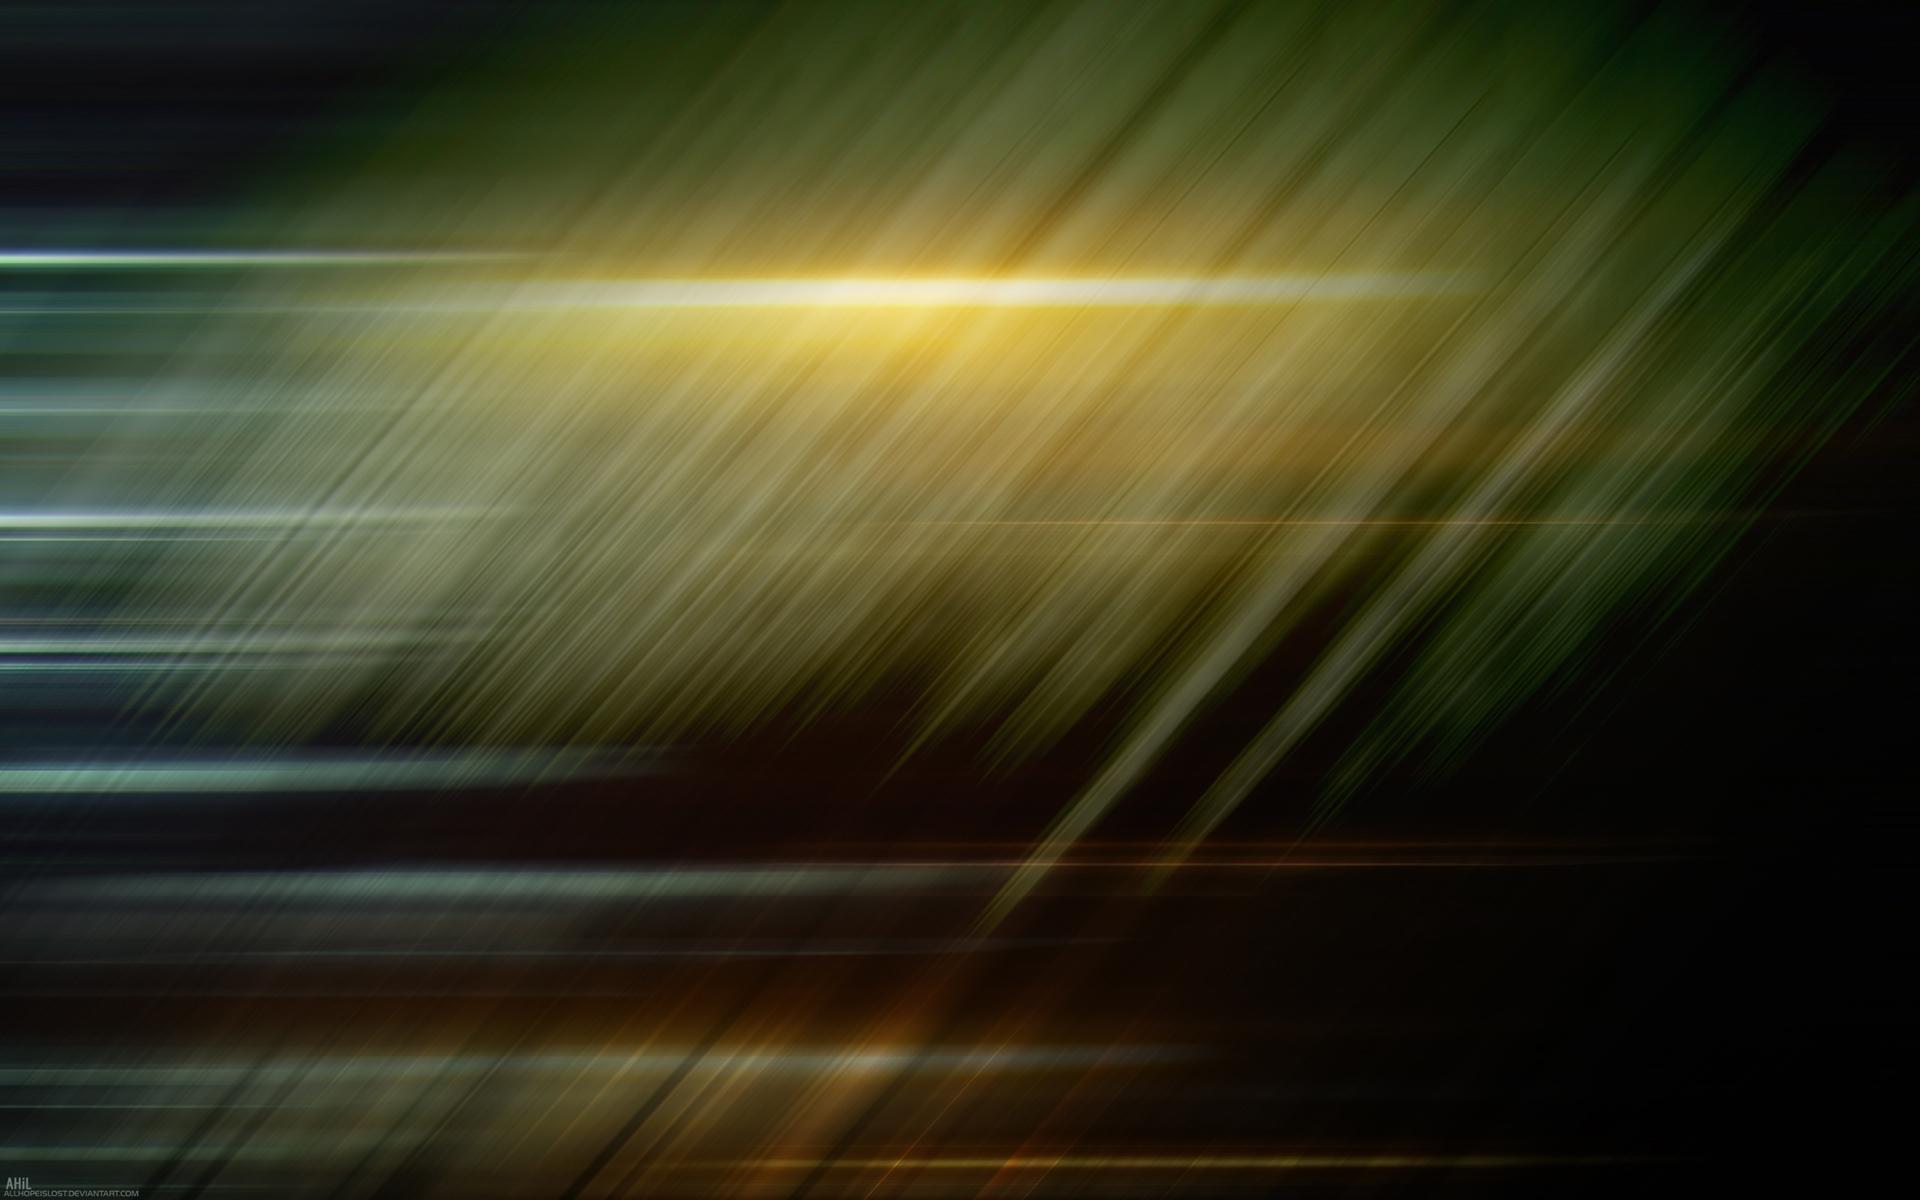 Light Streak Hd Wallpaper